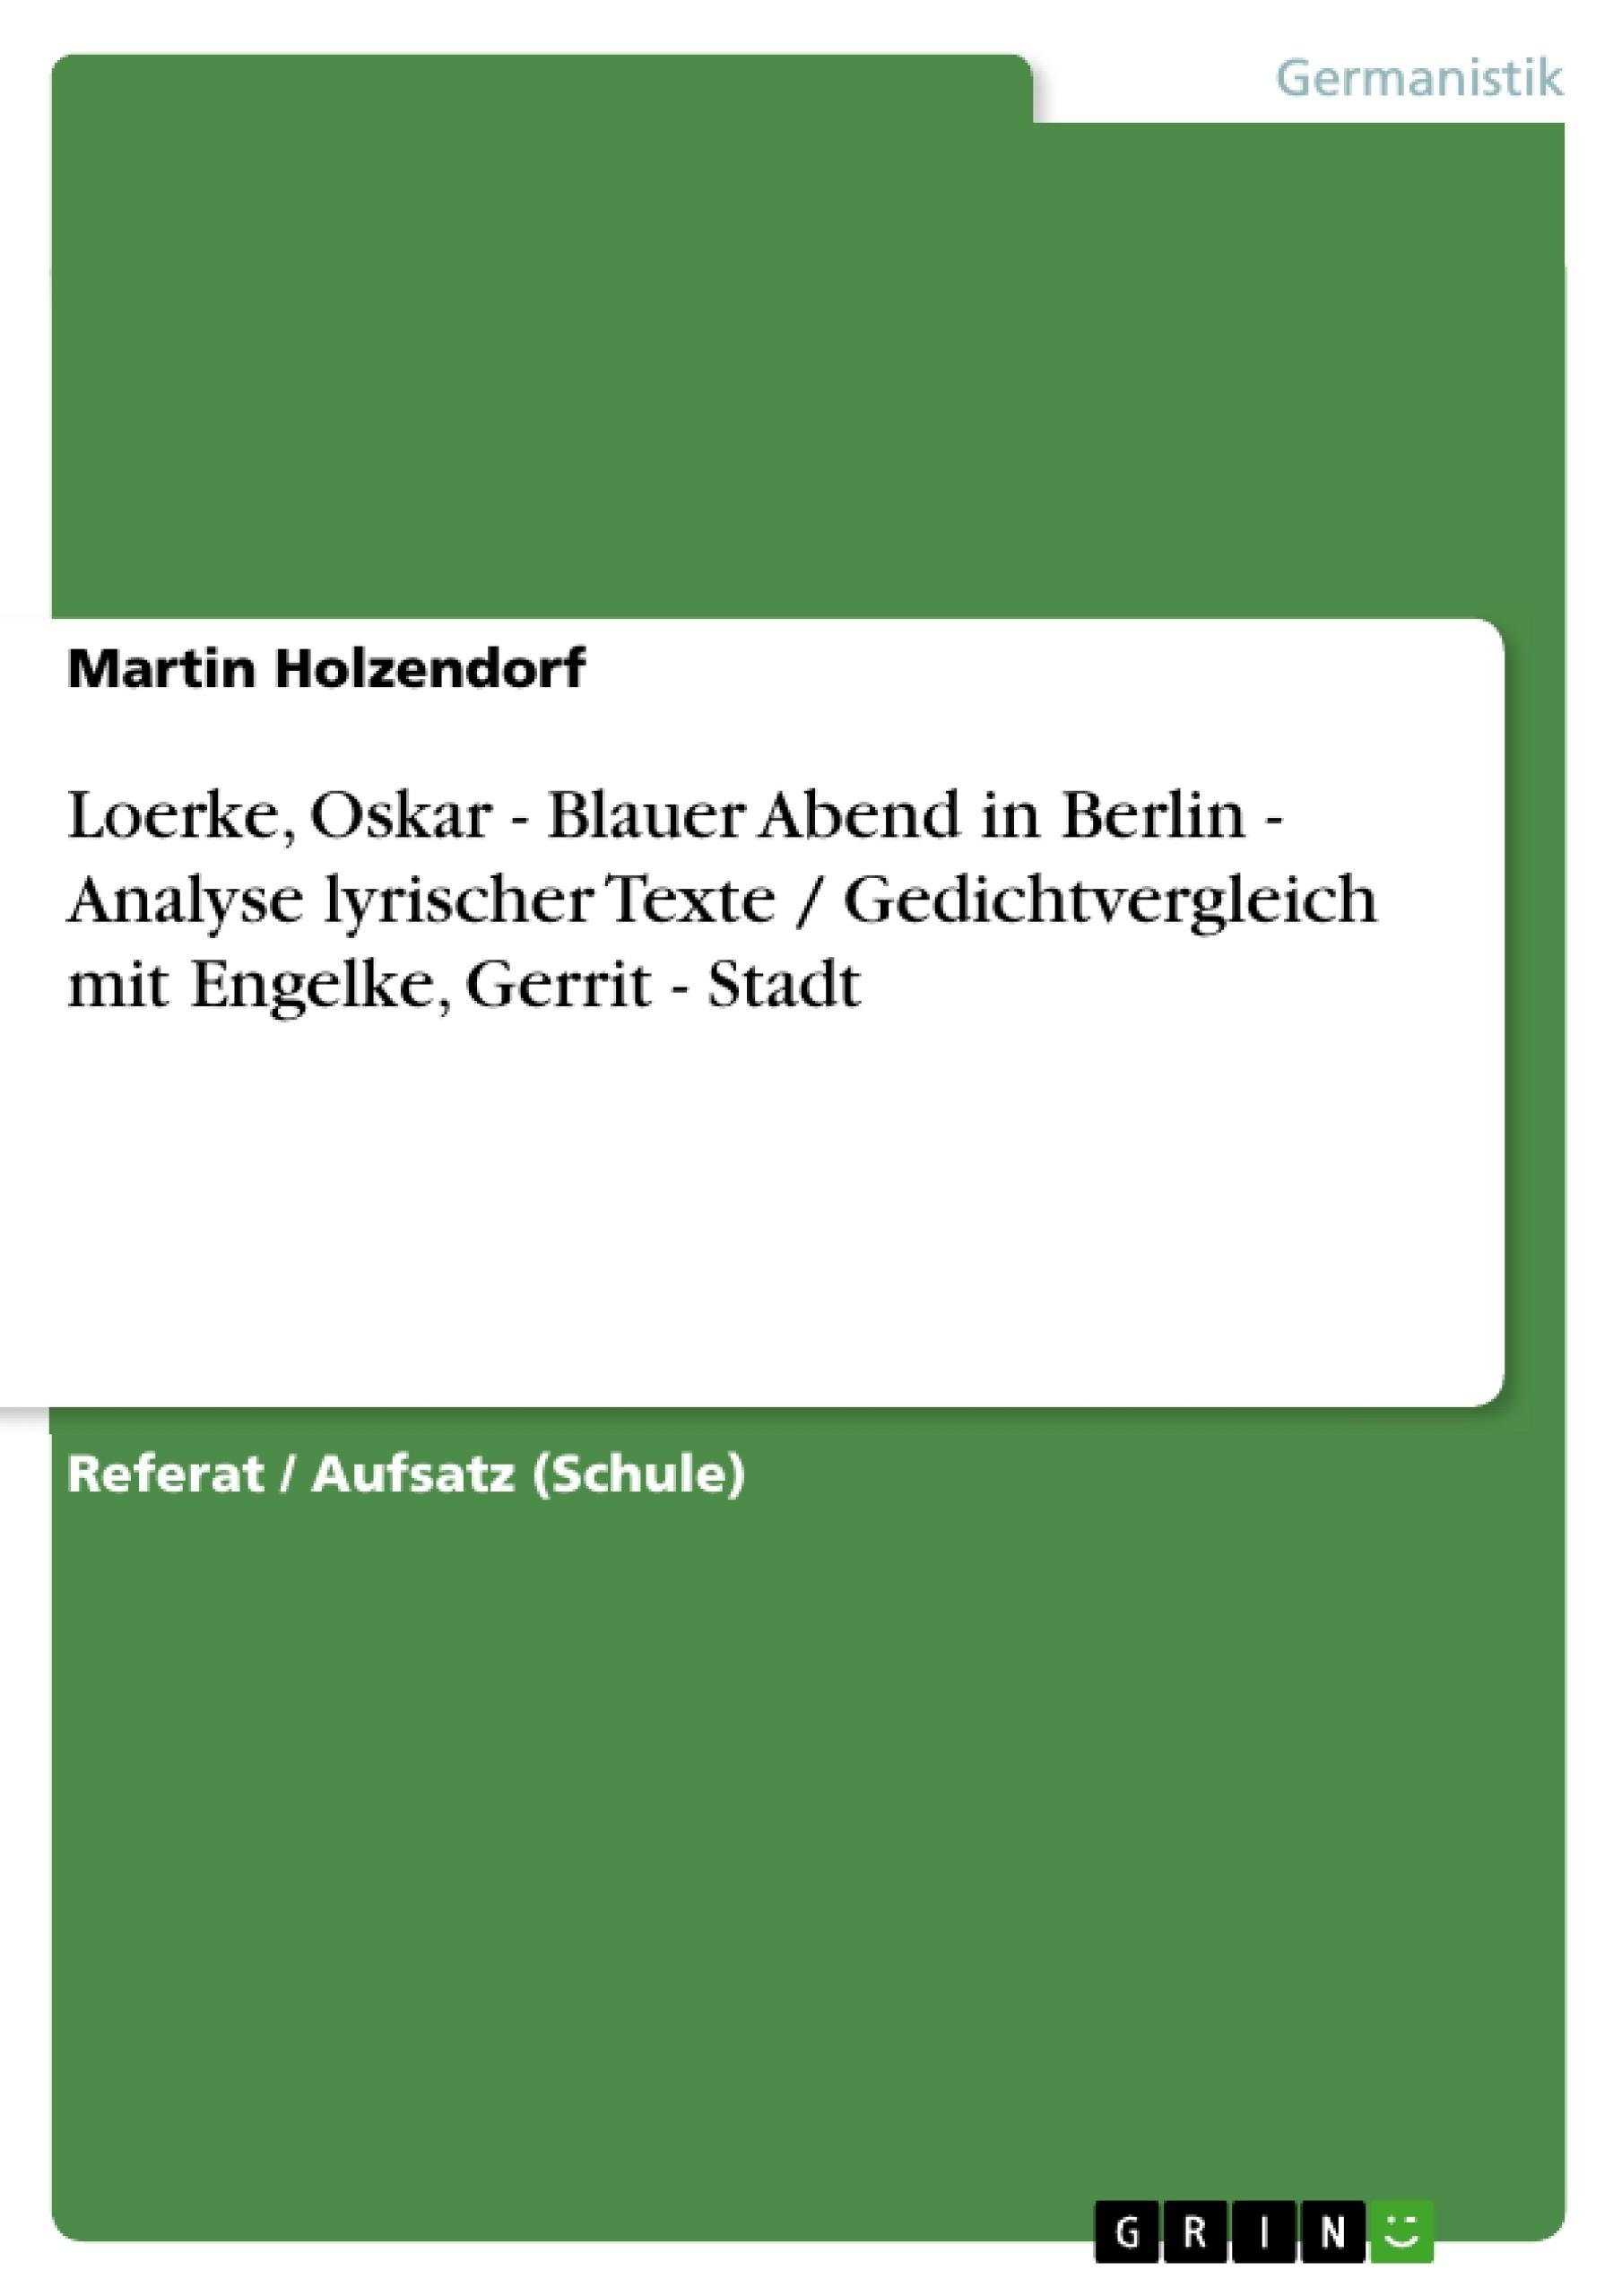 Titel: Loerke, Oskar - Blauer Abend in Berlin - Analyse lyrischer Texte / Gedichtvergleich mit Engelke, Gerrit - Stadt